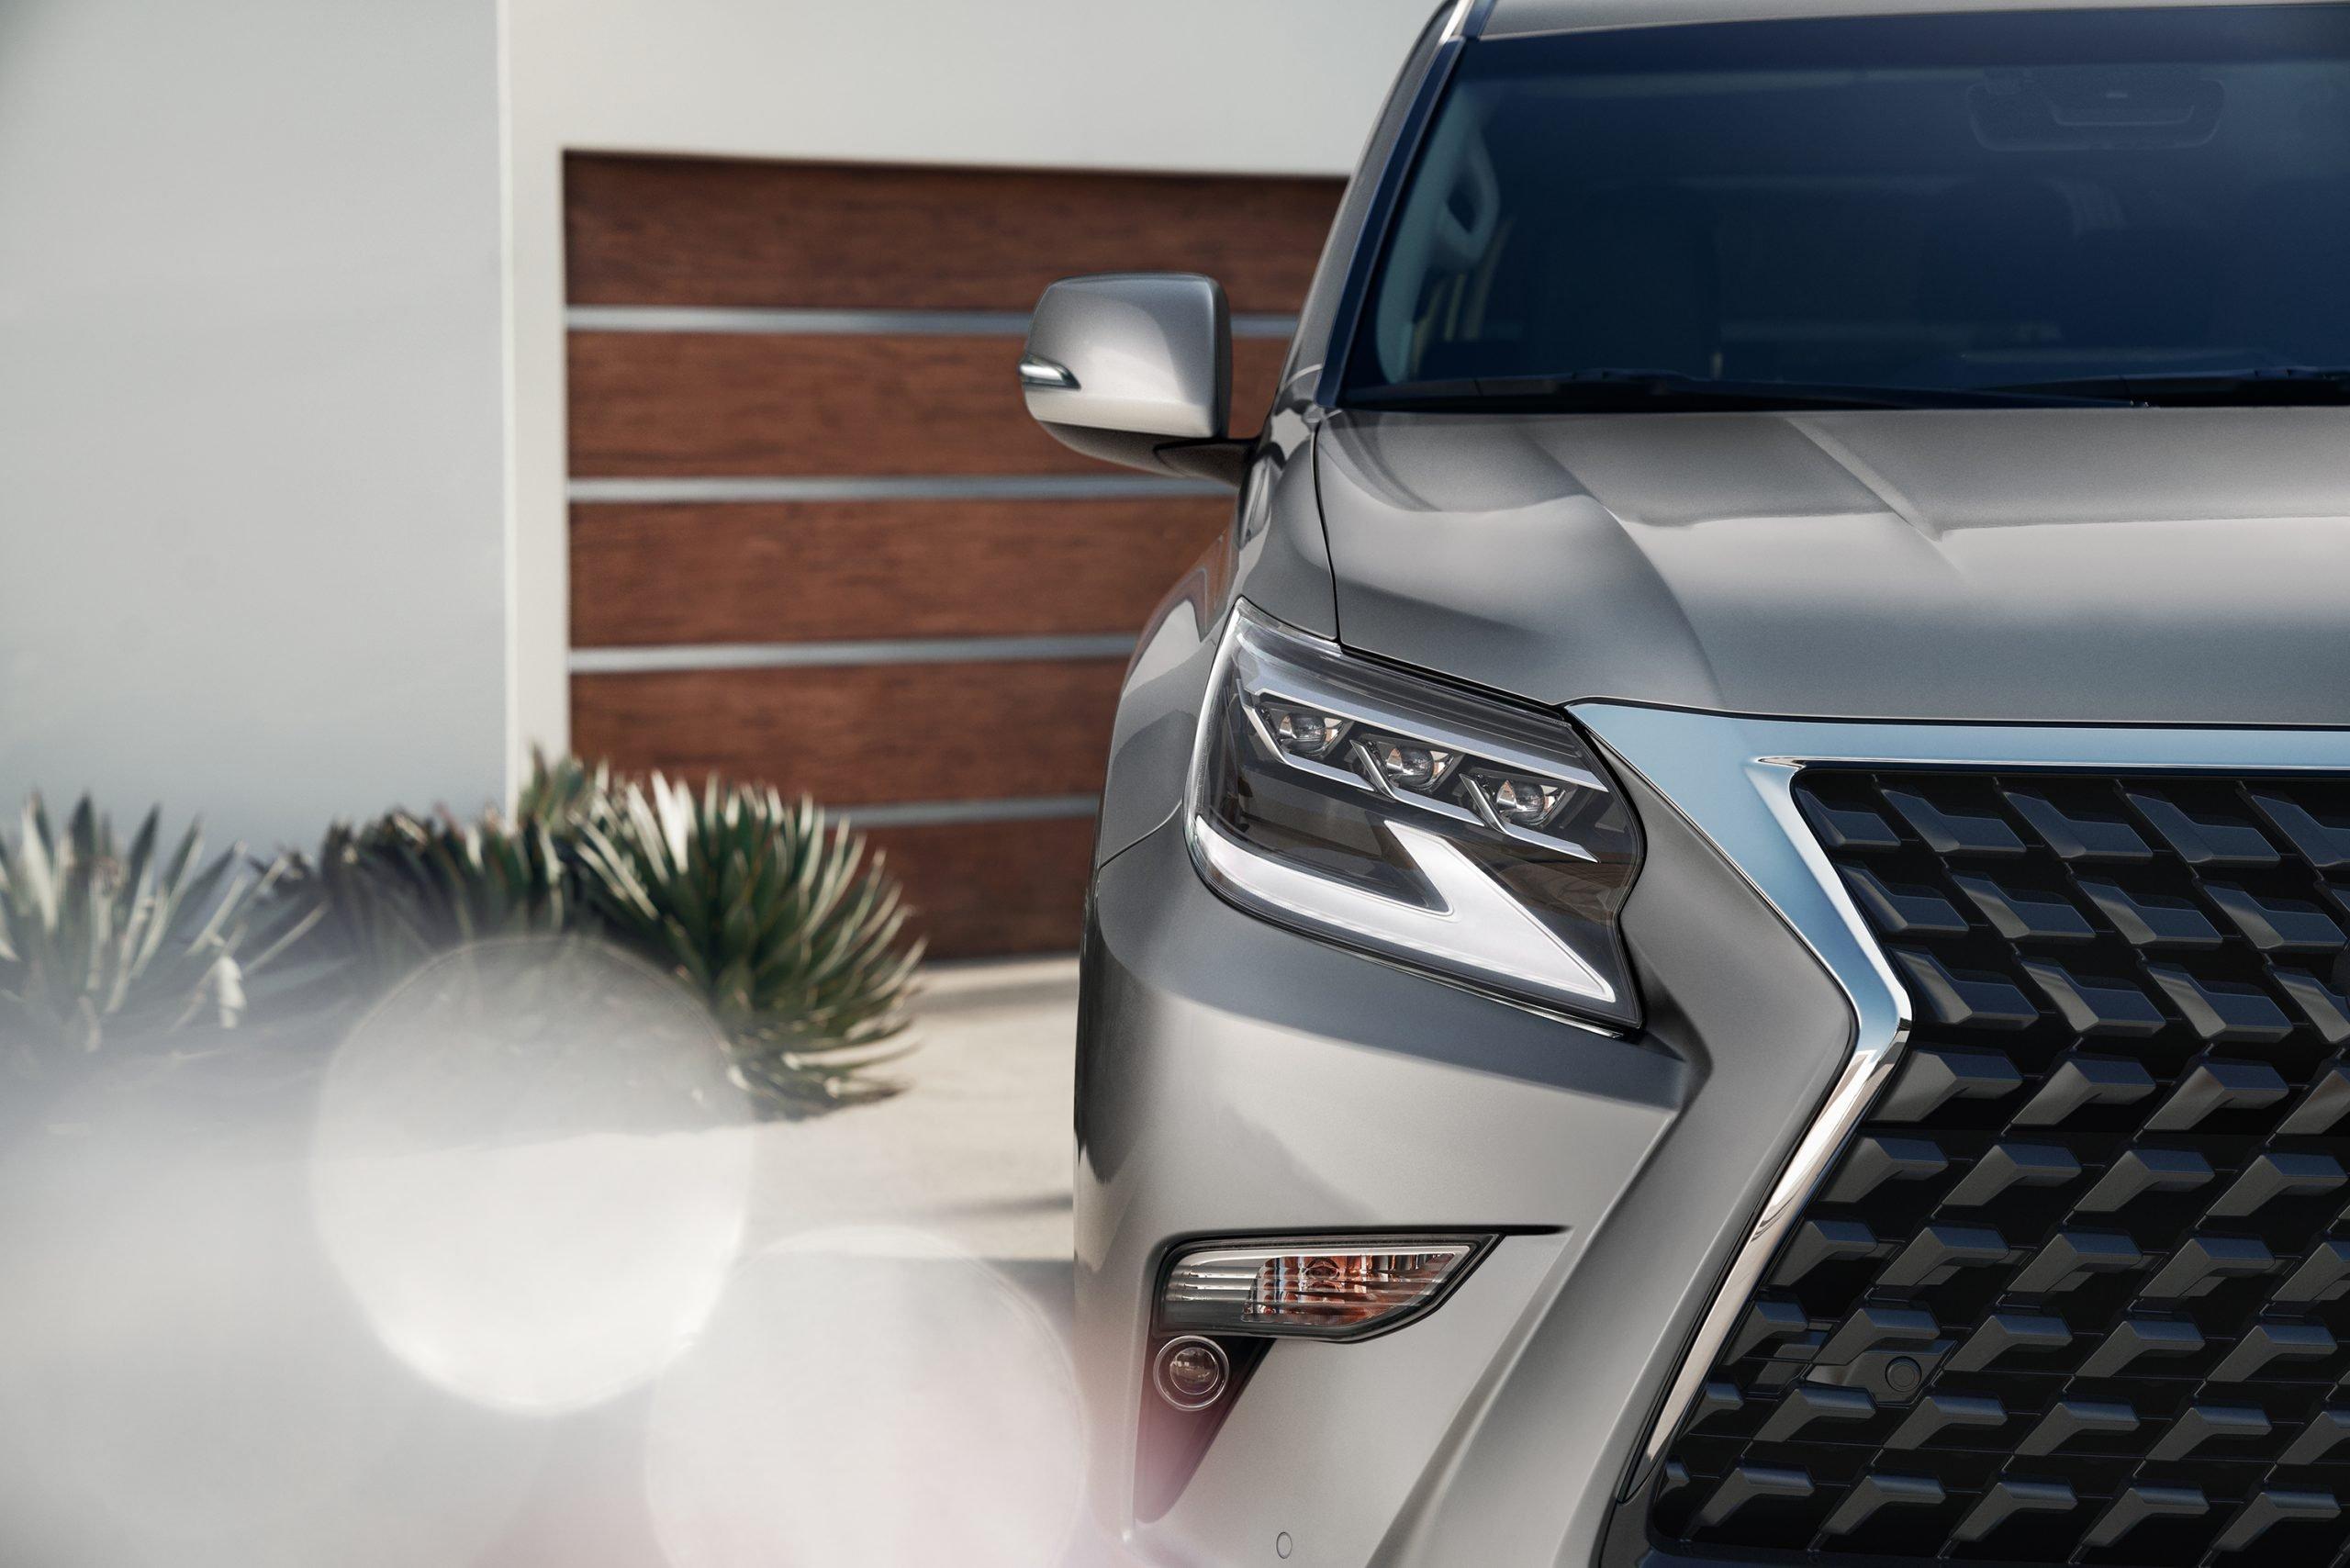 2021 Lexus Gx Review